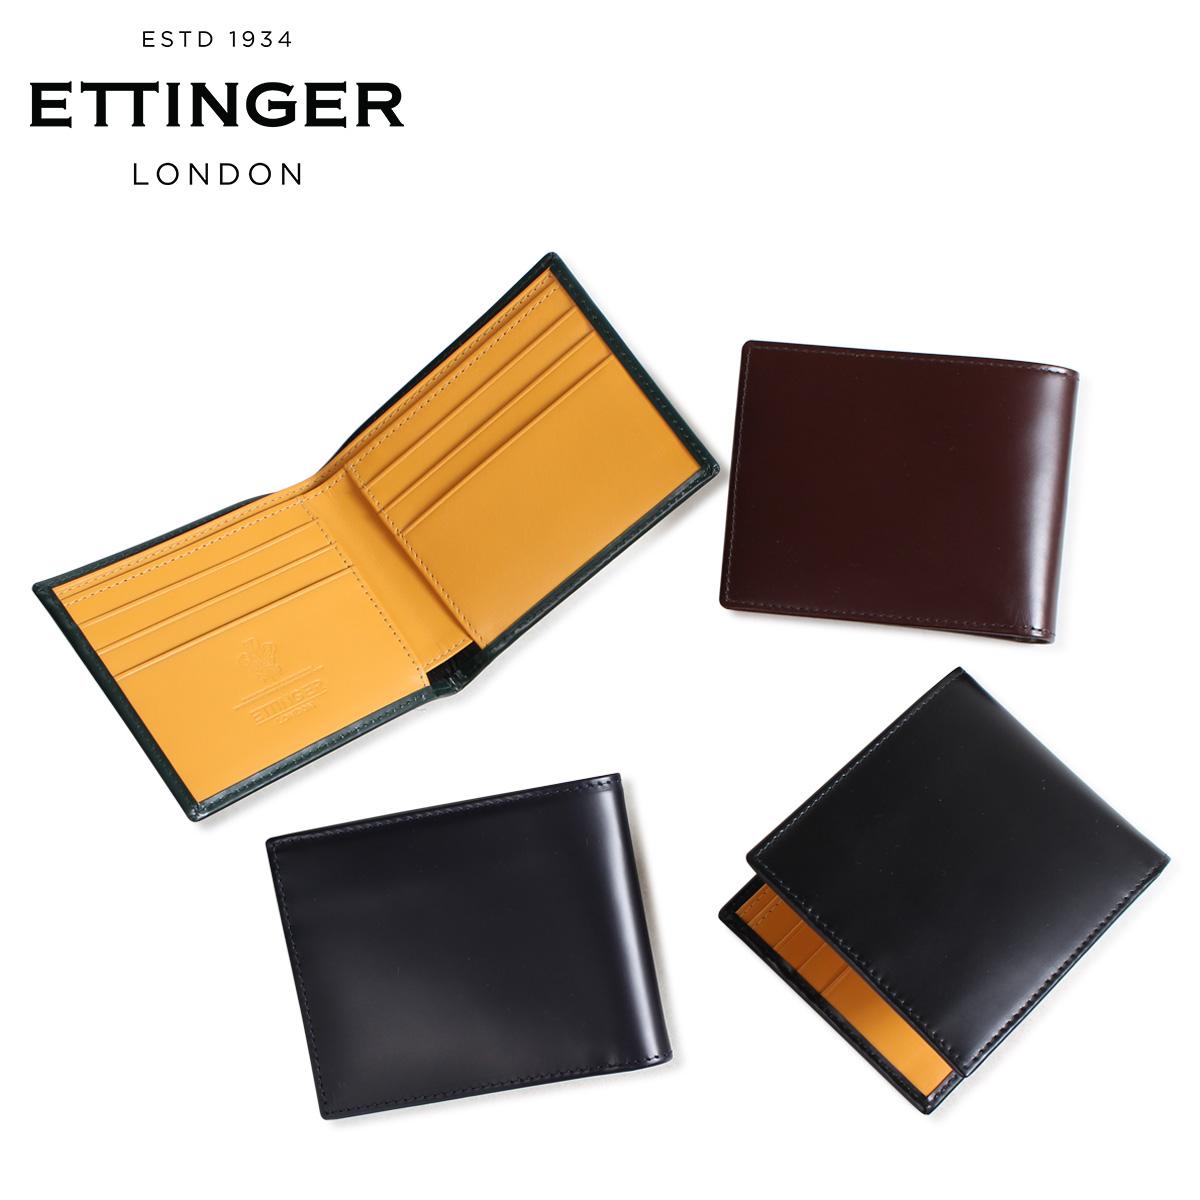 ETTINGER エッティンガー 財布 二つ折り メンズ レザー BILLFOLD WALLET WITH CARD CASE ブラック ネイビー ブラウン グリーン 黒 BH030 [3/18 新入荷]